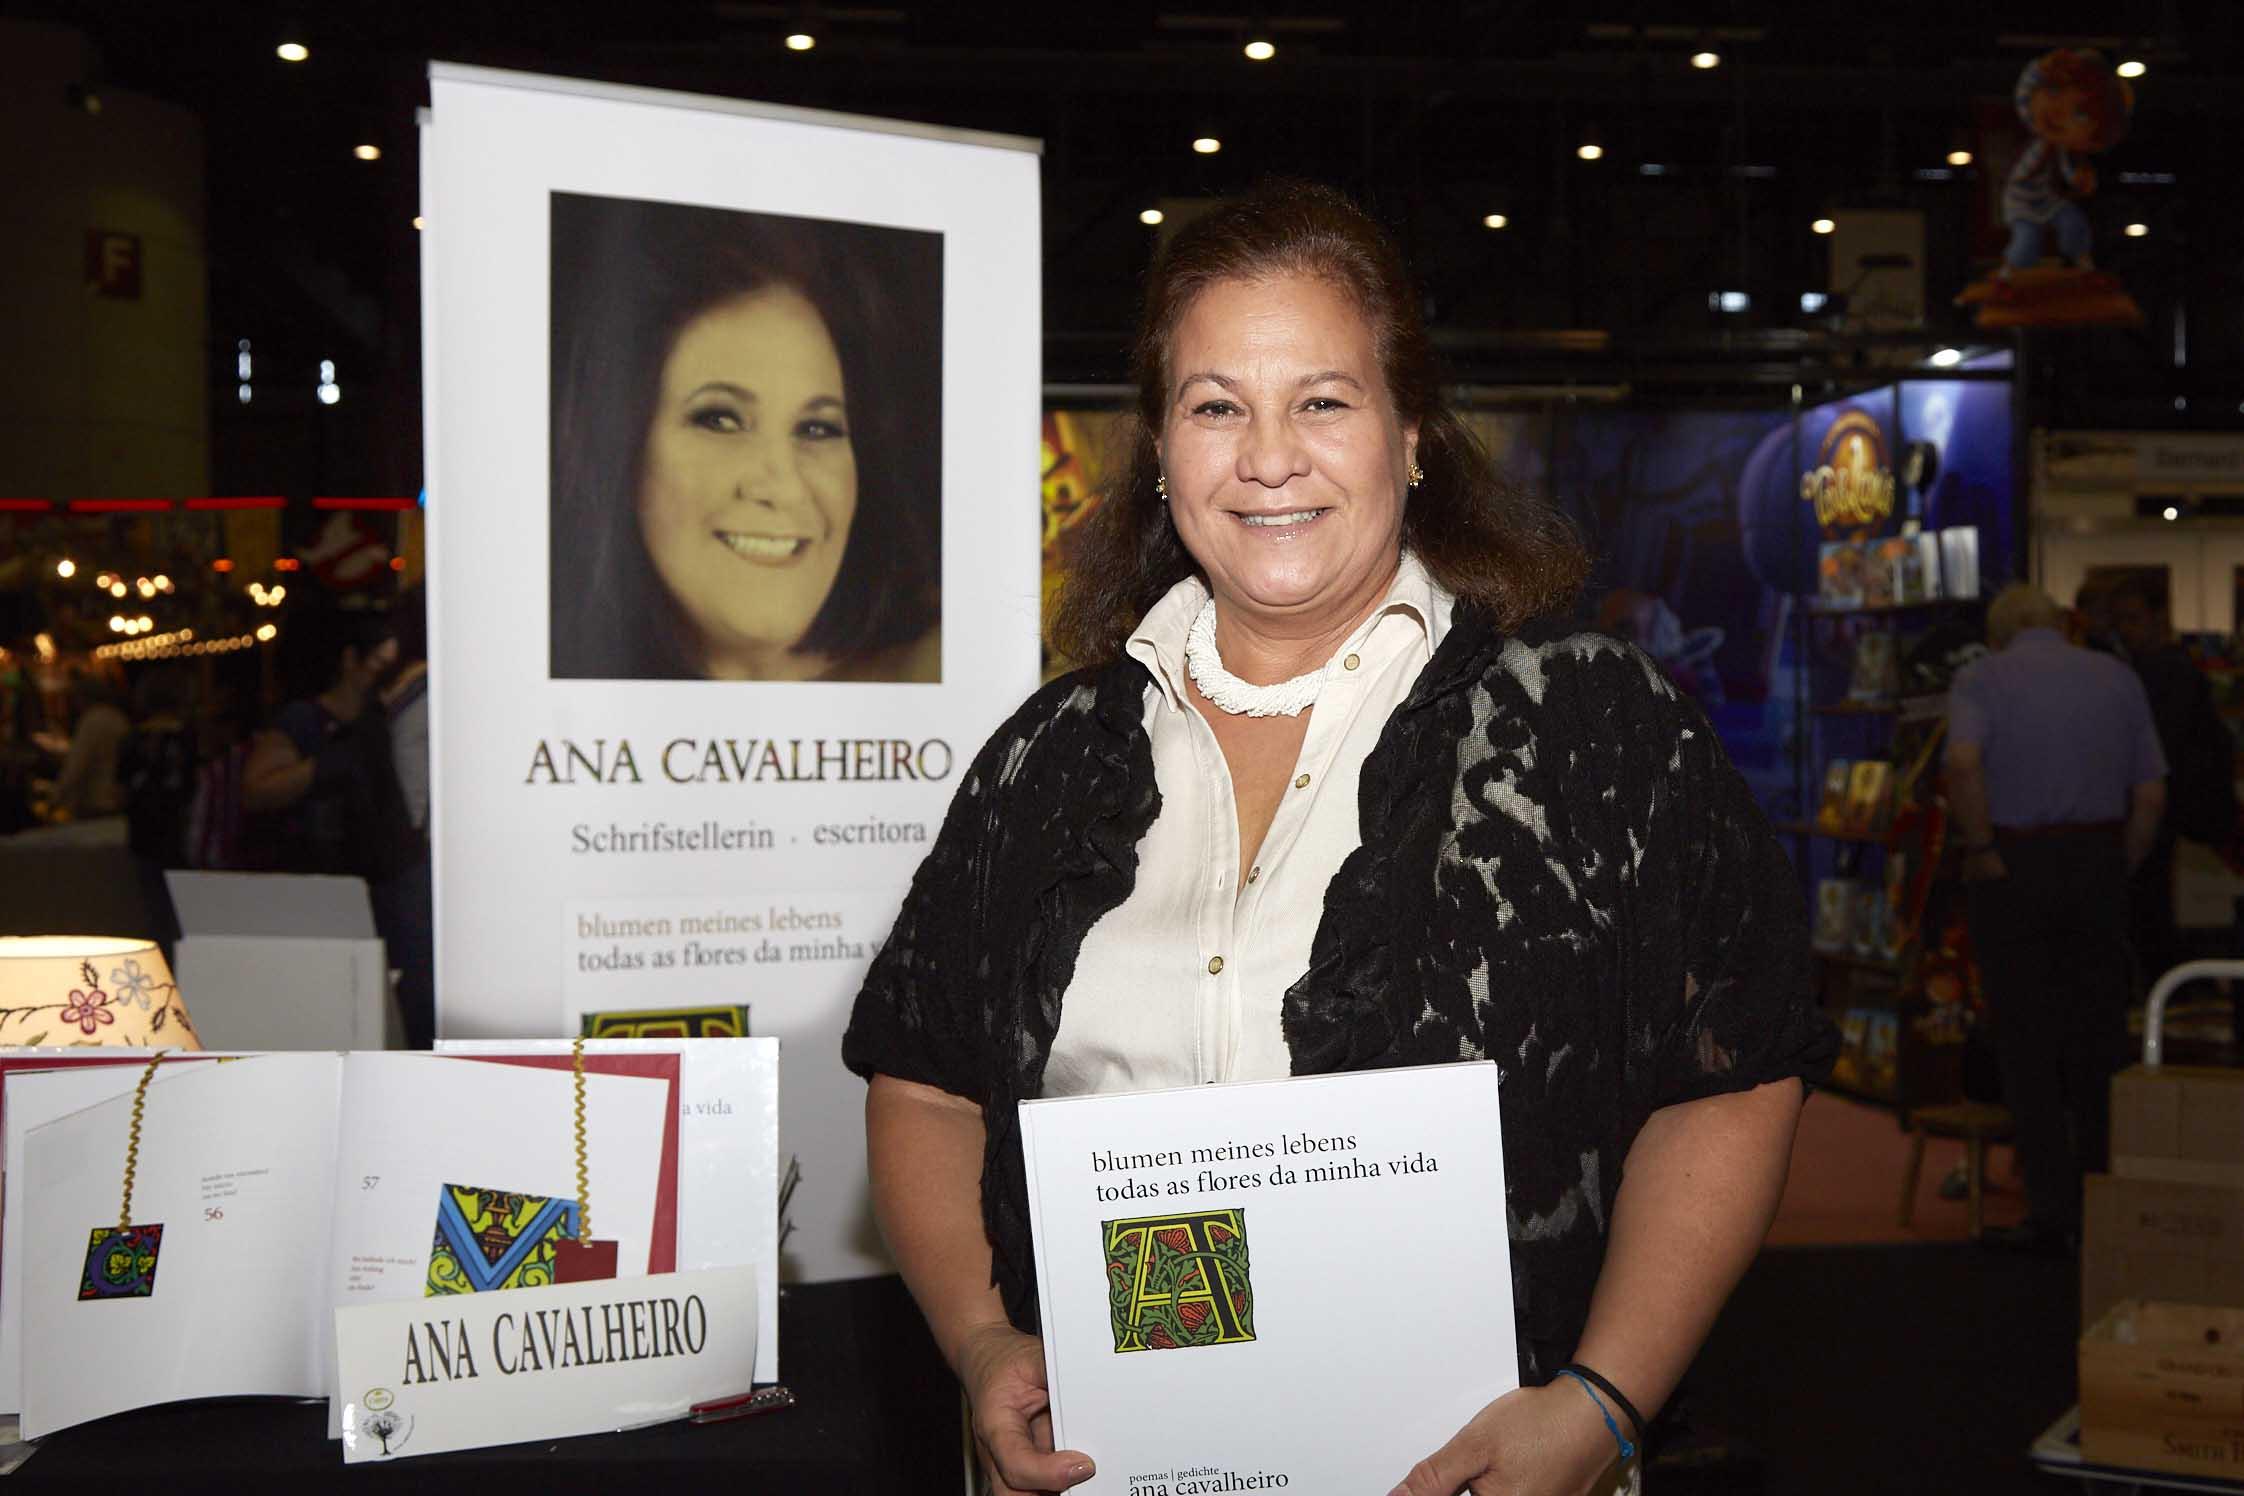 ANA CAVALHEIRO